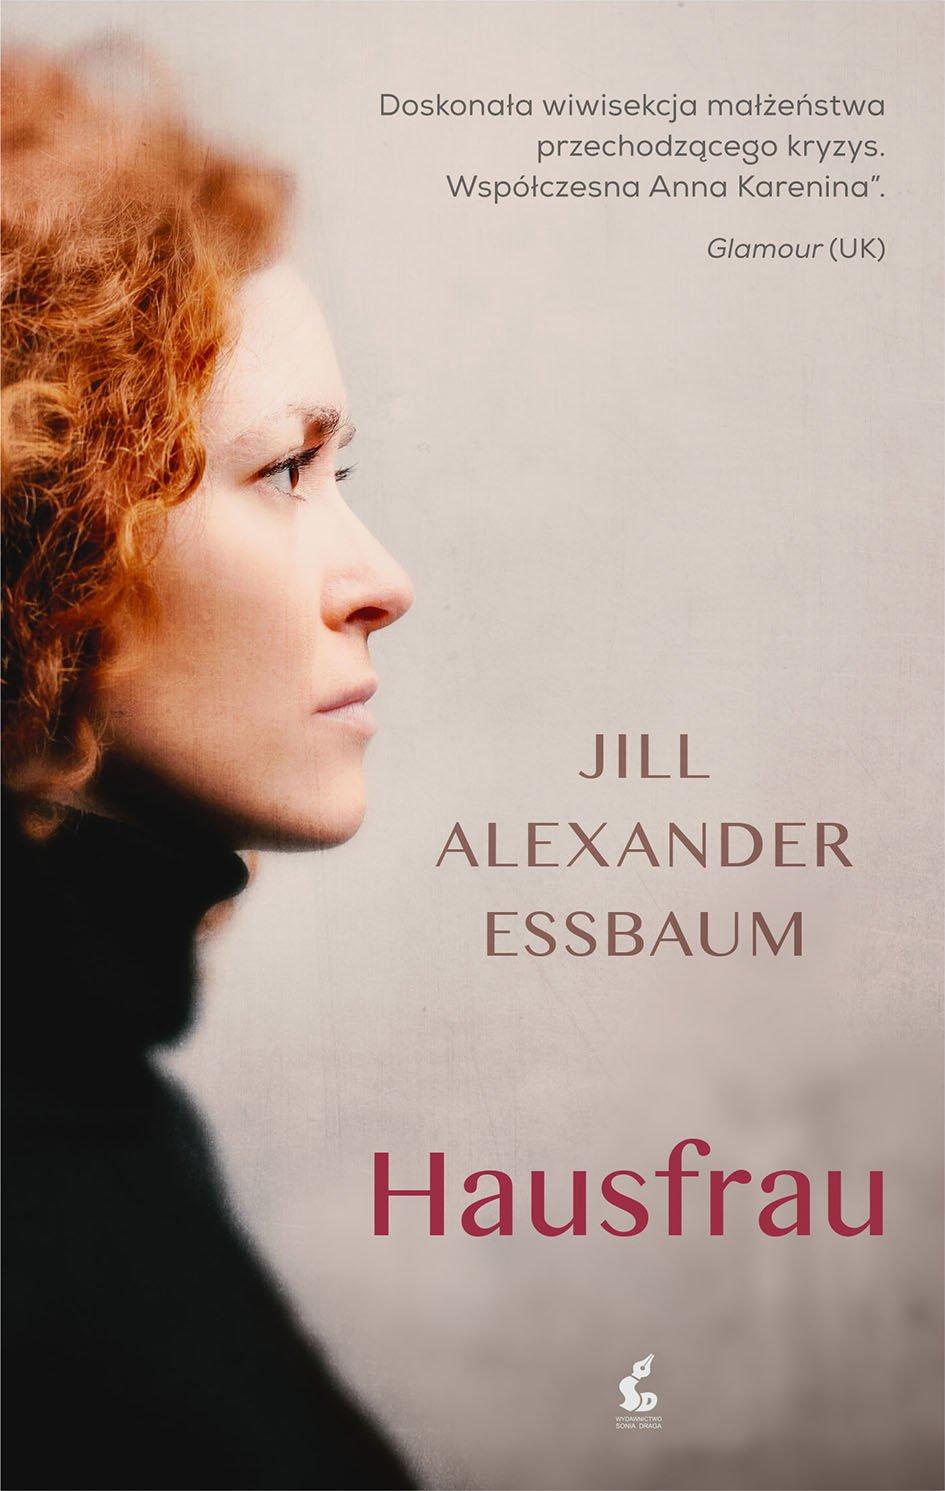 Hausfrau - Ebook (Książka EPUB) do pobrania w formacie EPUB